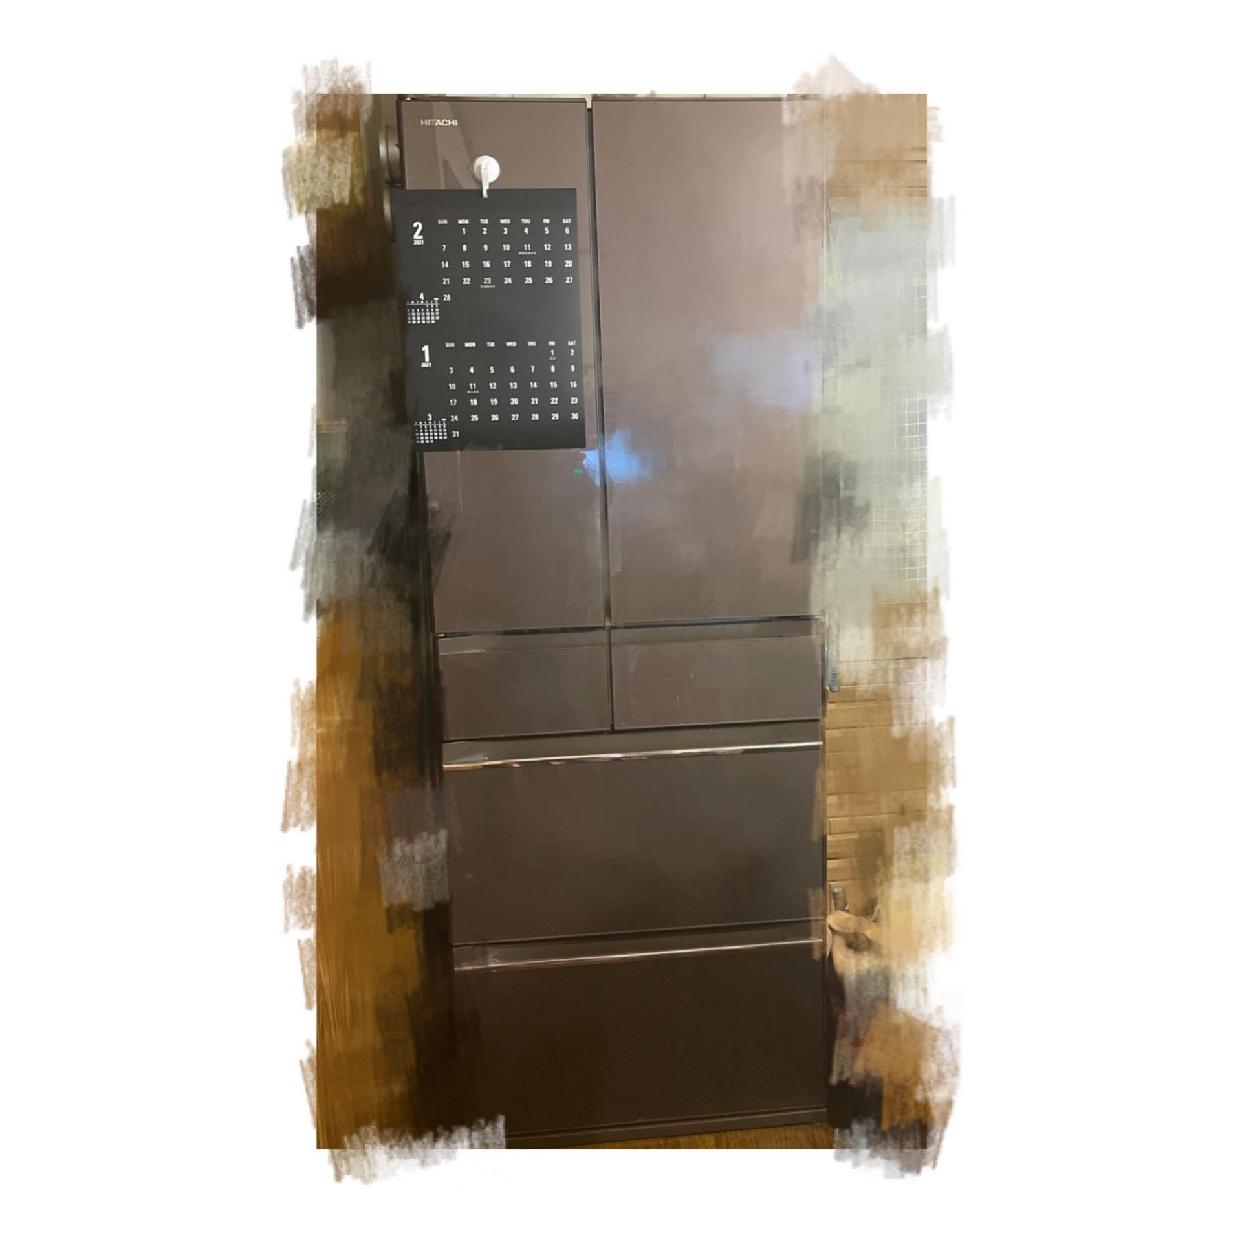 日立(ひたち)まるごとチルド R-HW60Kを使った maoさんの口コミ画像1